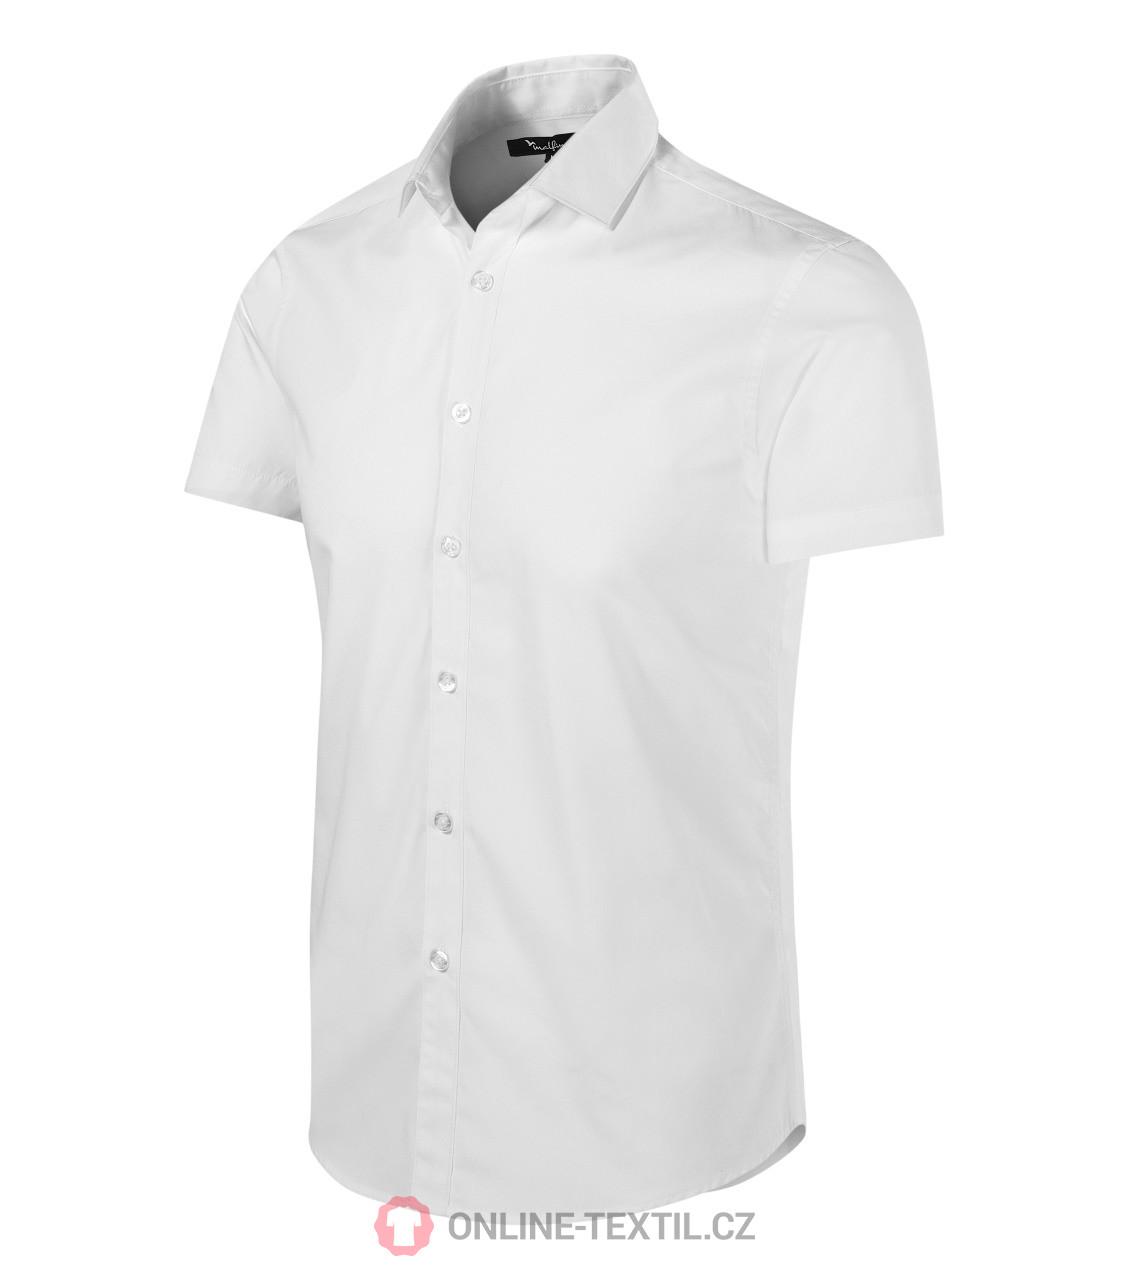 23f7fac04b87 ADLER CZECH Pánska košeľa Malfini Premium Flash 260 - biela z ...